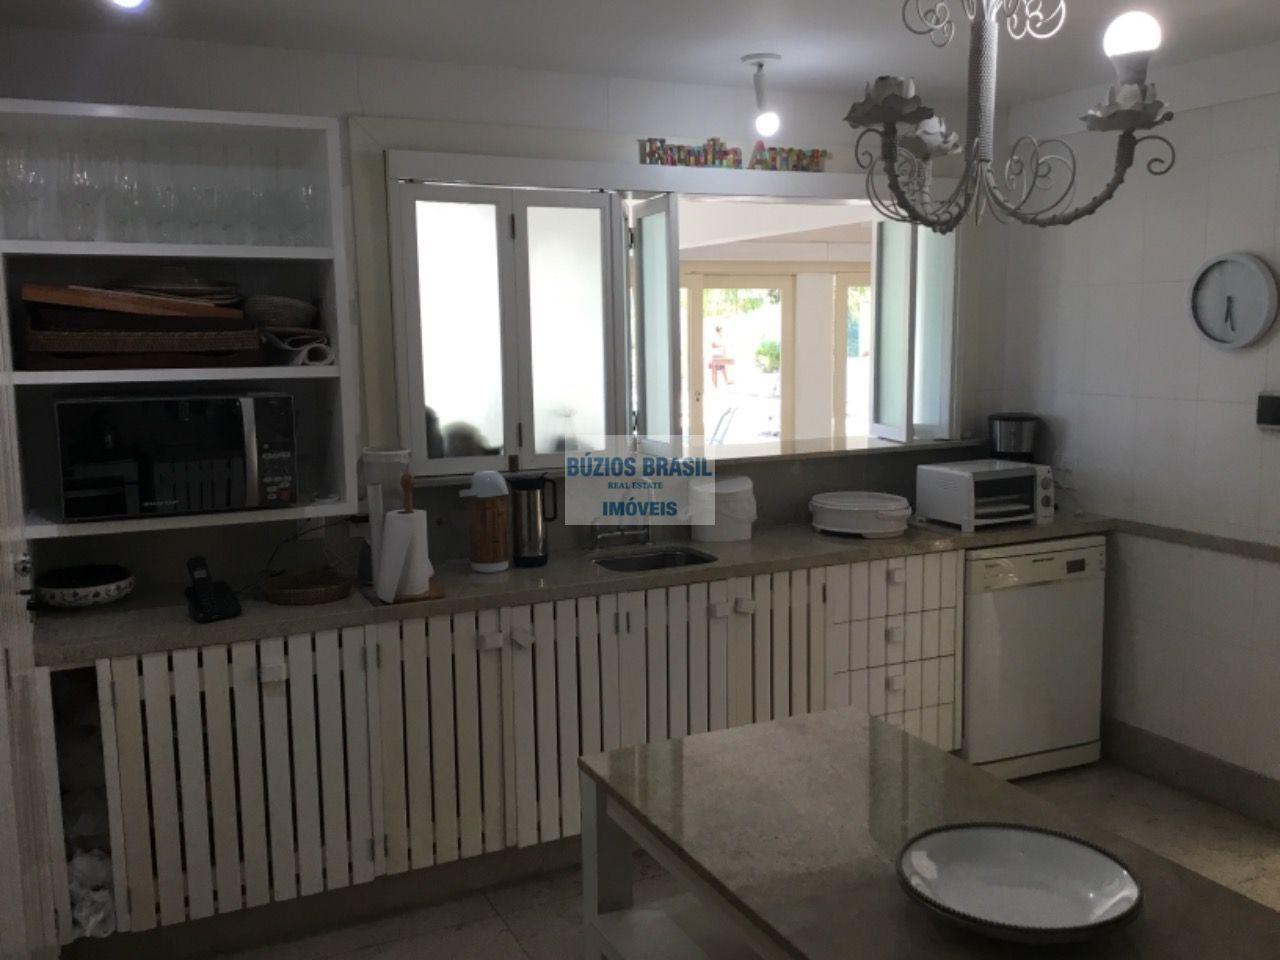 Casa 7 quartos para alugar Ferradura, Ferradura 70m Praia,Armação dos Búzios - LTFR1 - 35